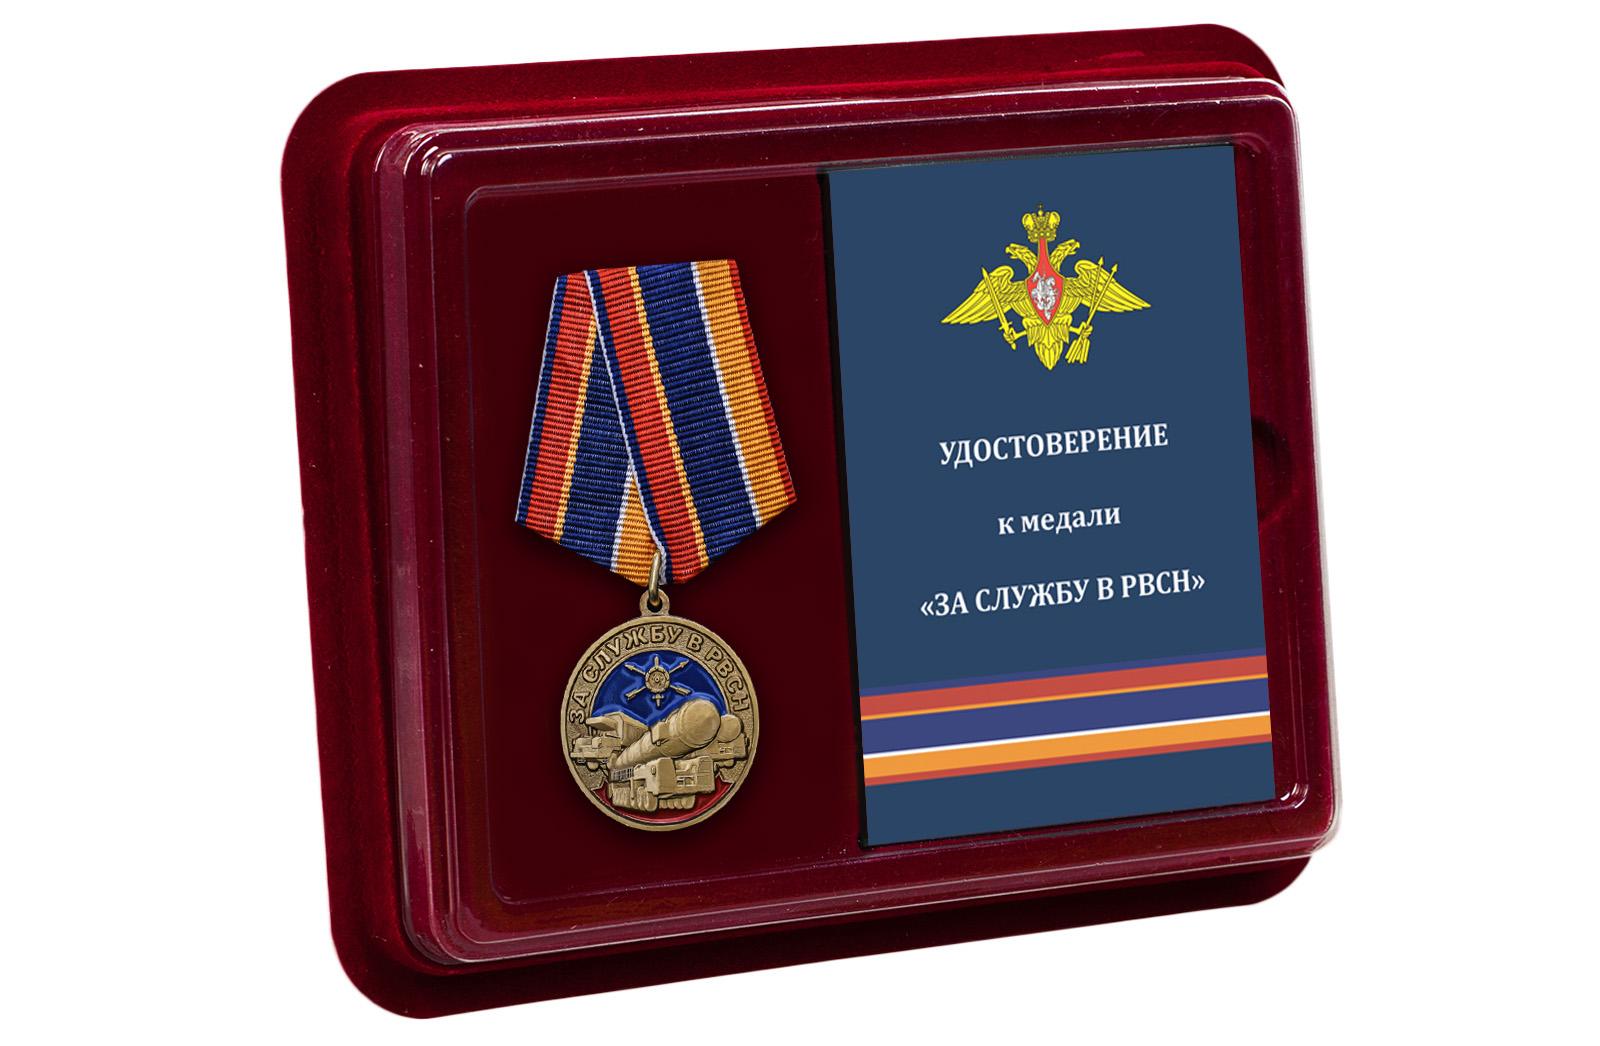 Купить медаль За службу в РВСН по выгодной цене